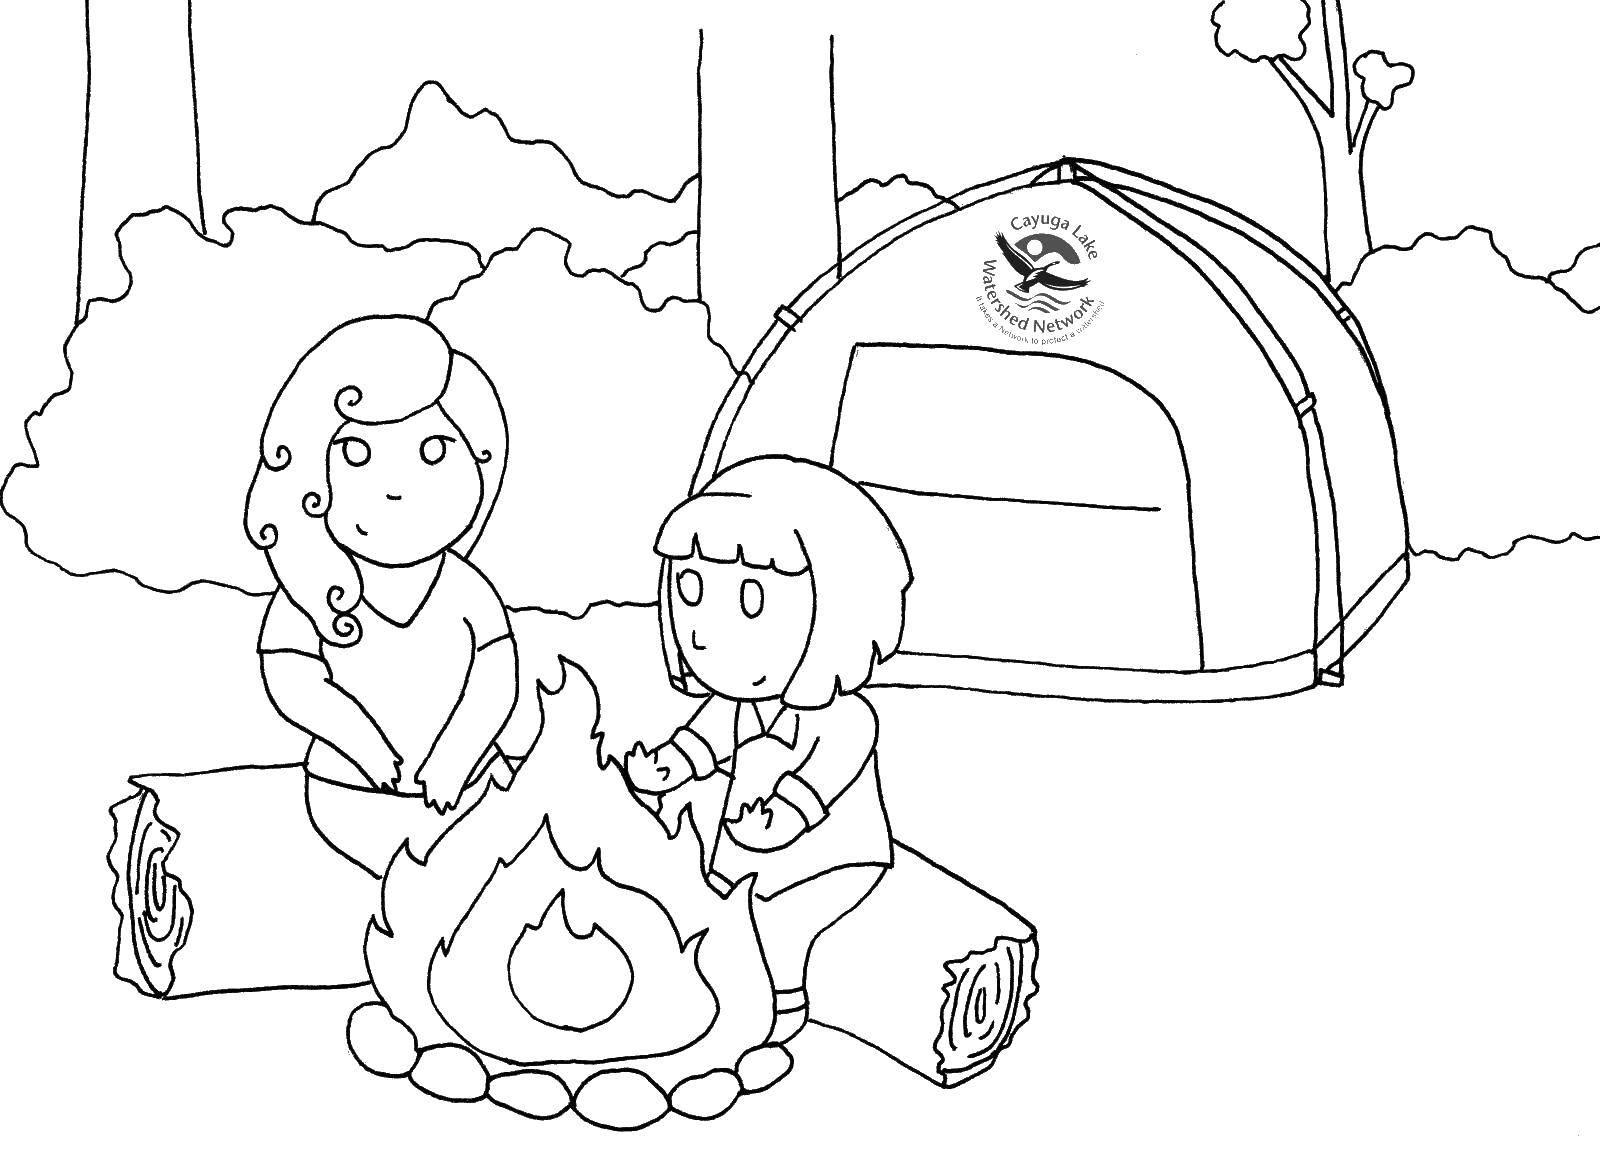 Раскраска Отдых на природе Скачать ,парк юрского периода, динозавры, машина,.  Распечатать